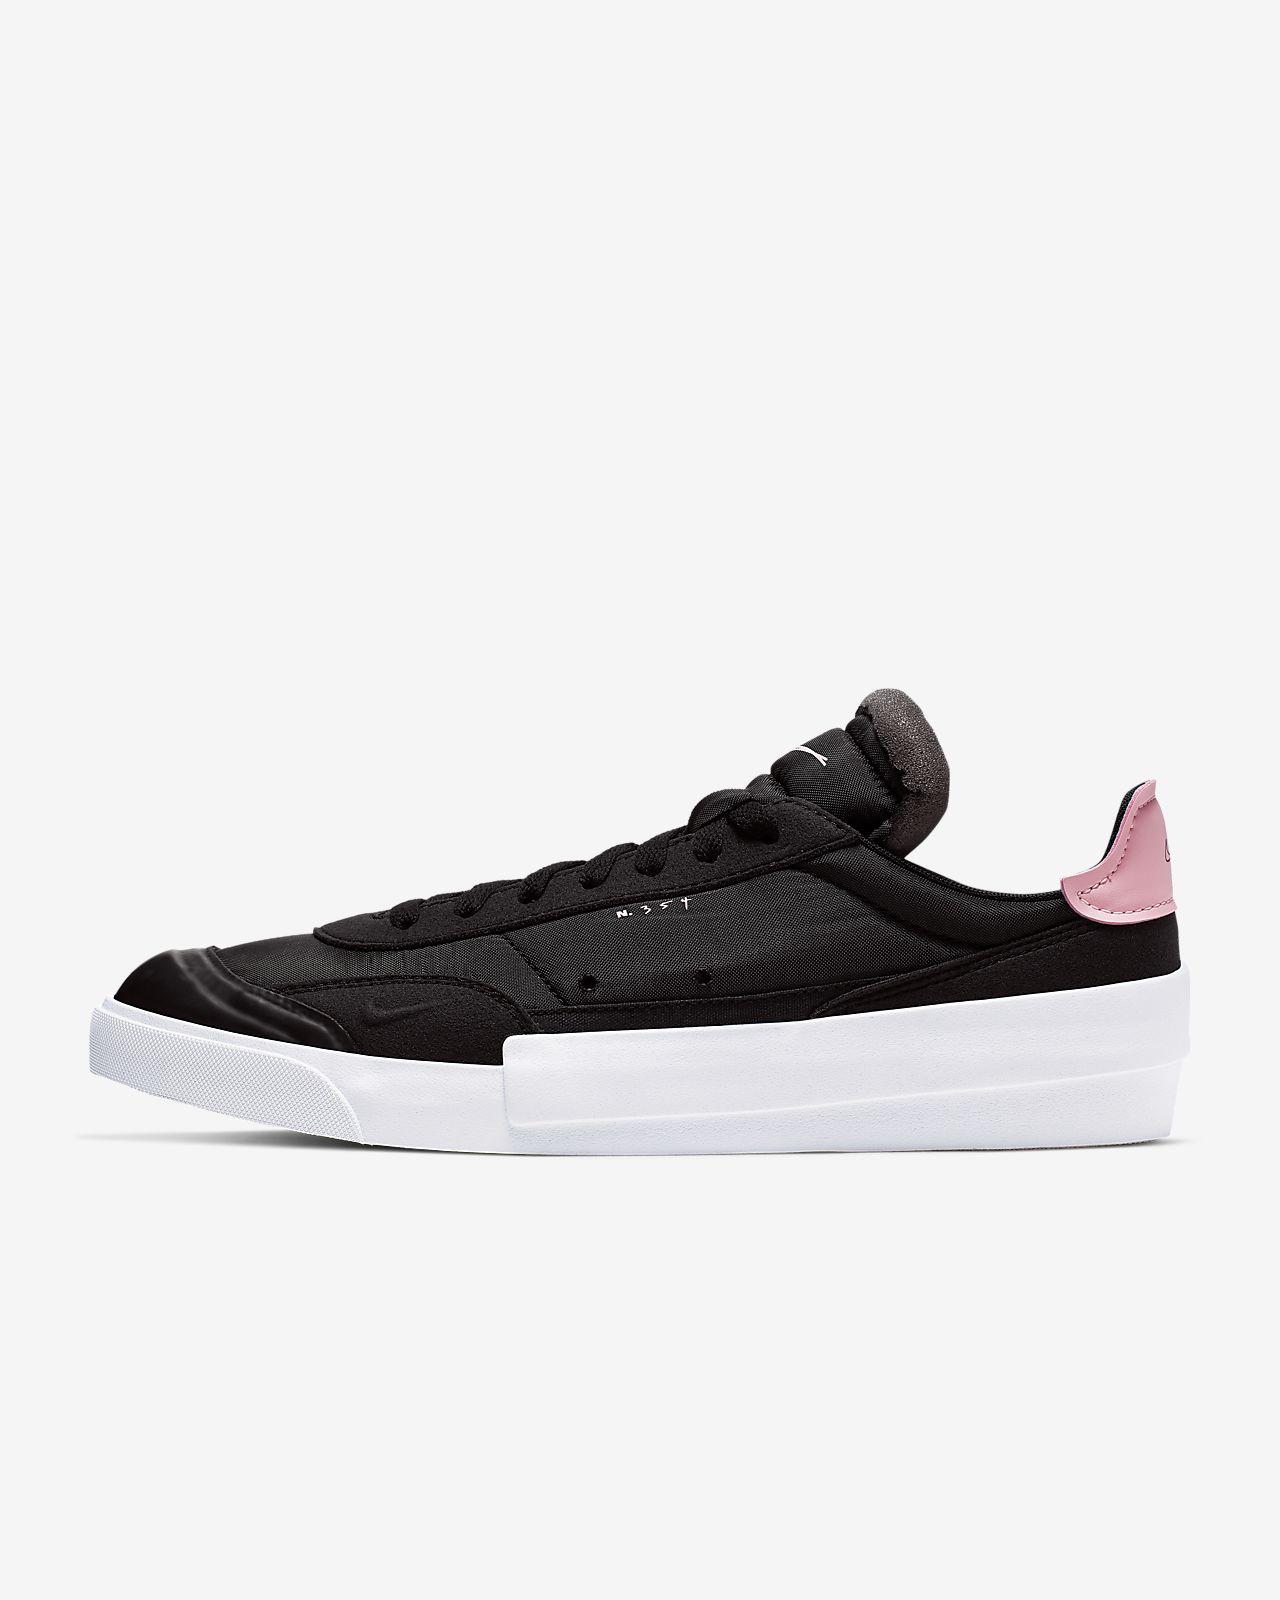 Sko Nike Drop Type LX för män